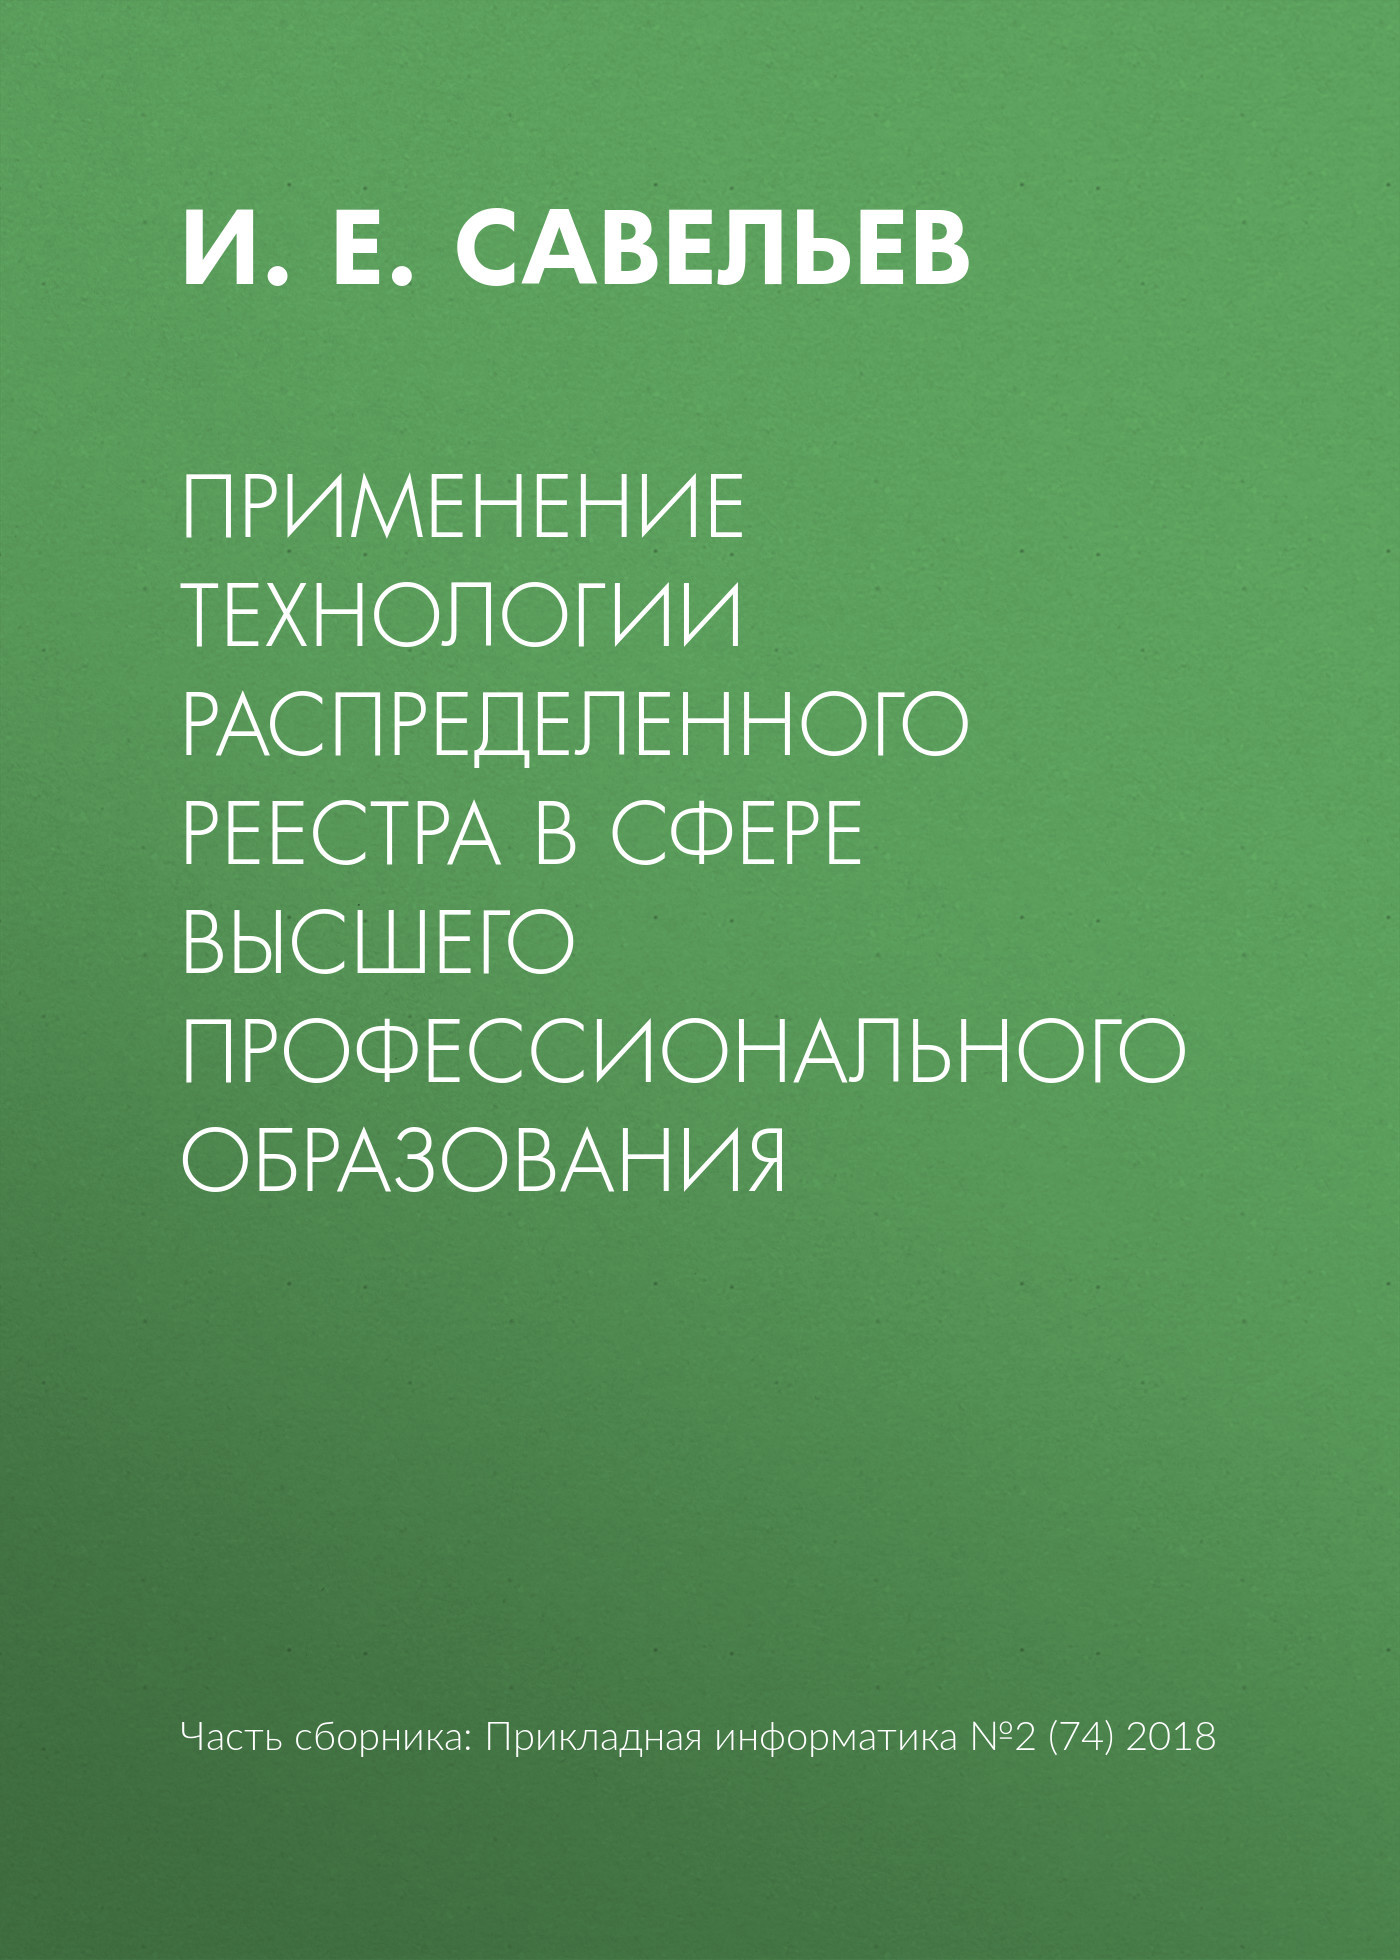 И. Е. Савельев бесплатно